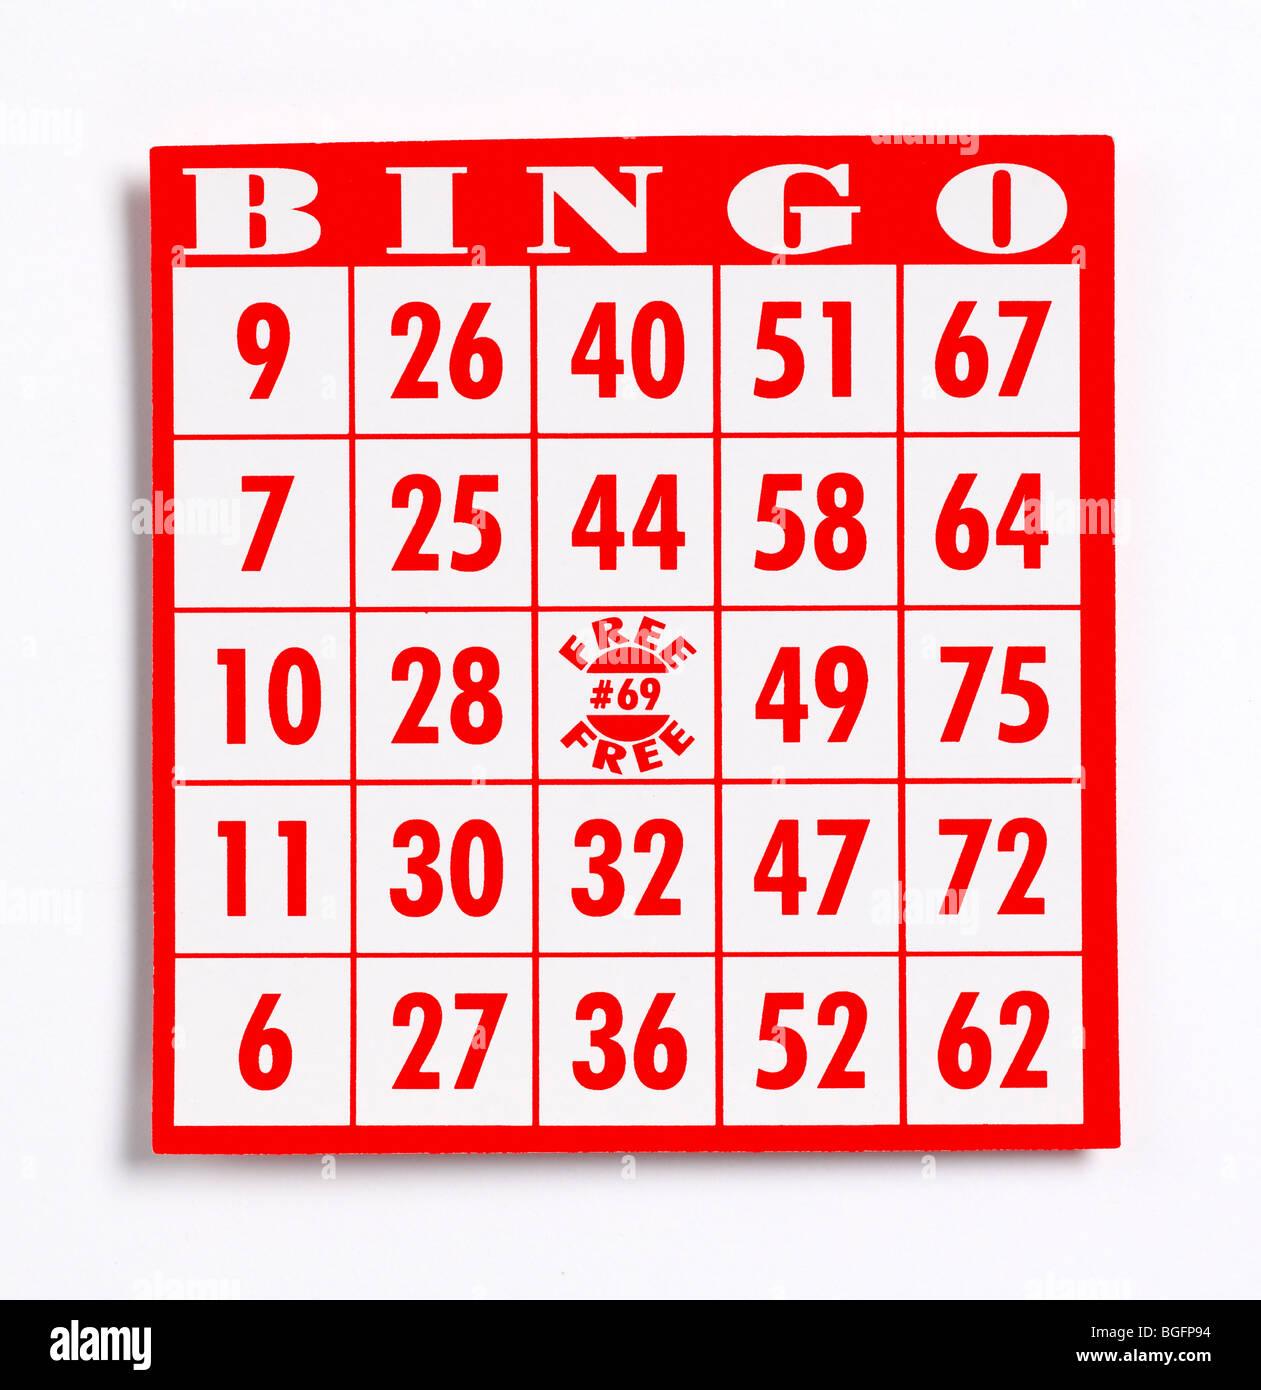 bingo stockfotos amp bingo bilder alamy